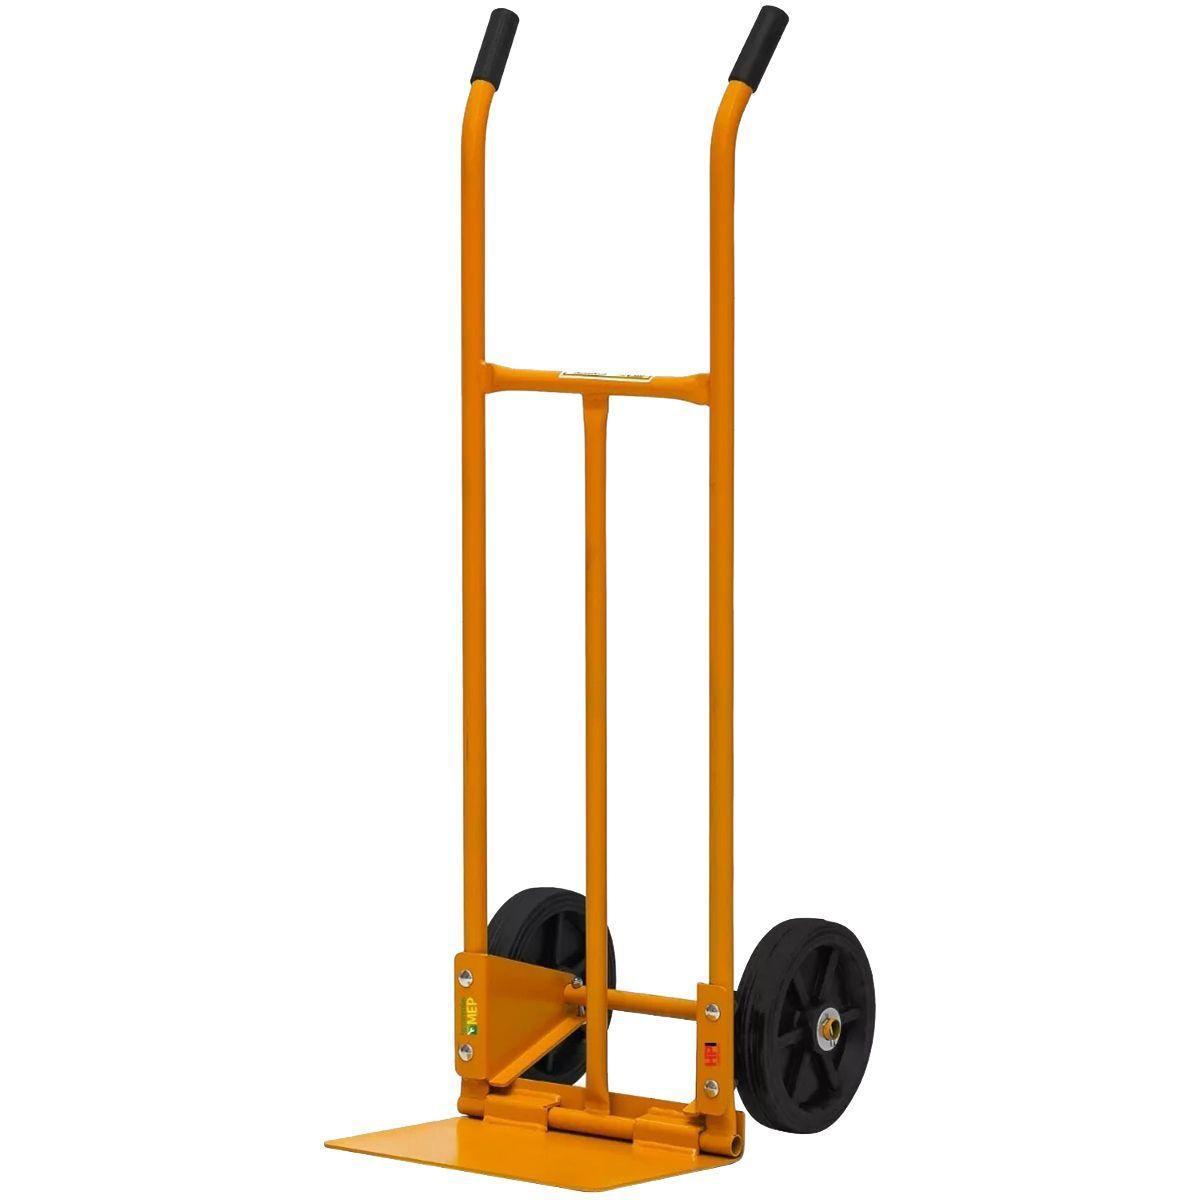 Carrinho Para Carga 200Kg Amarelo Chapa Aço Inox A200D - Lynus